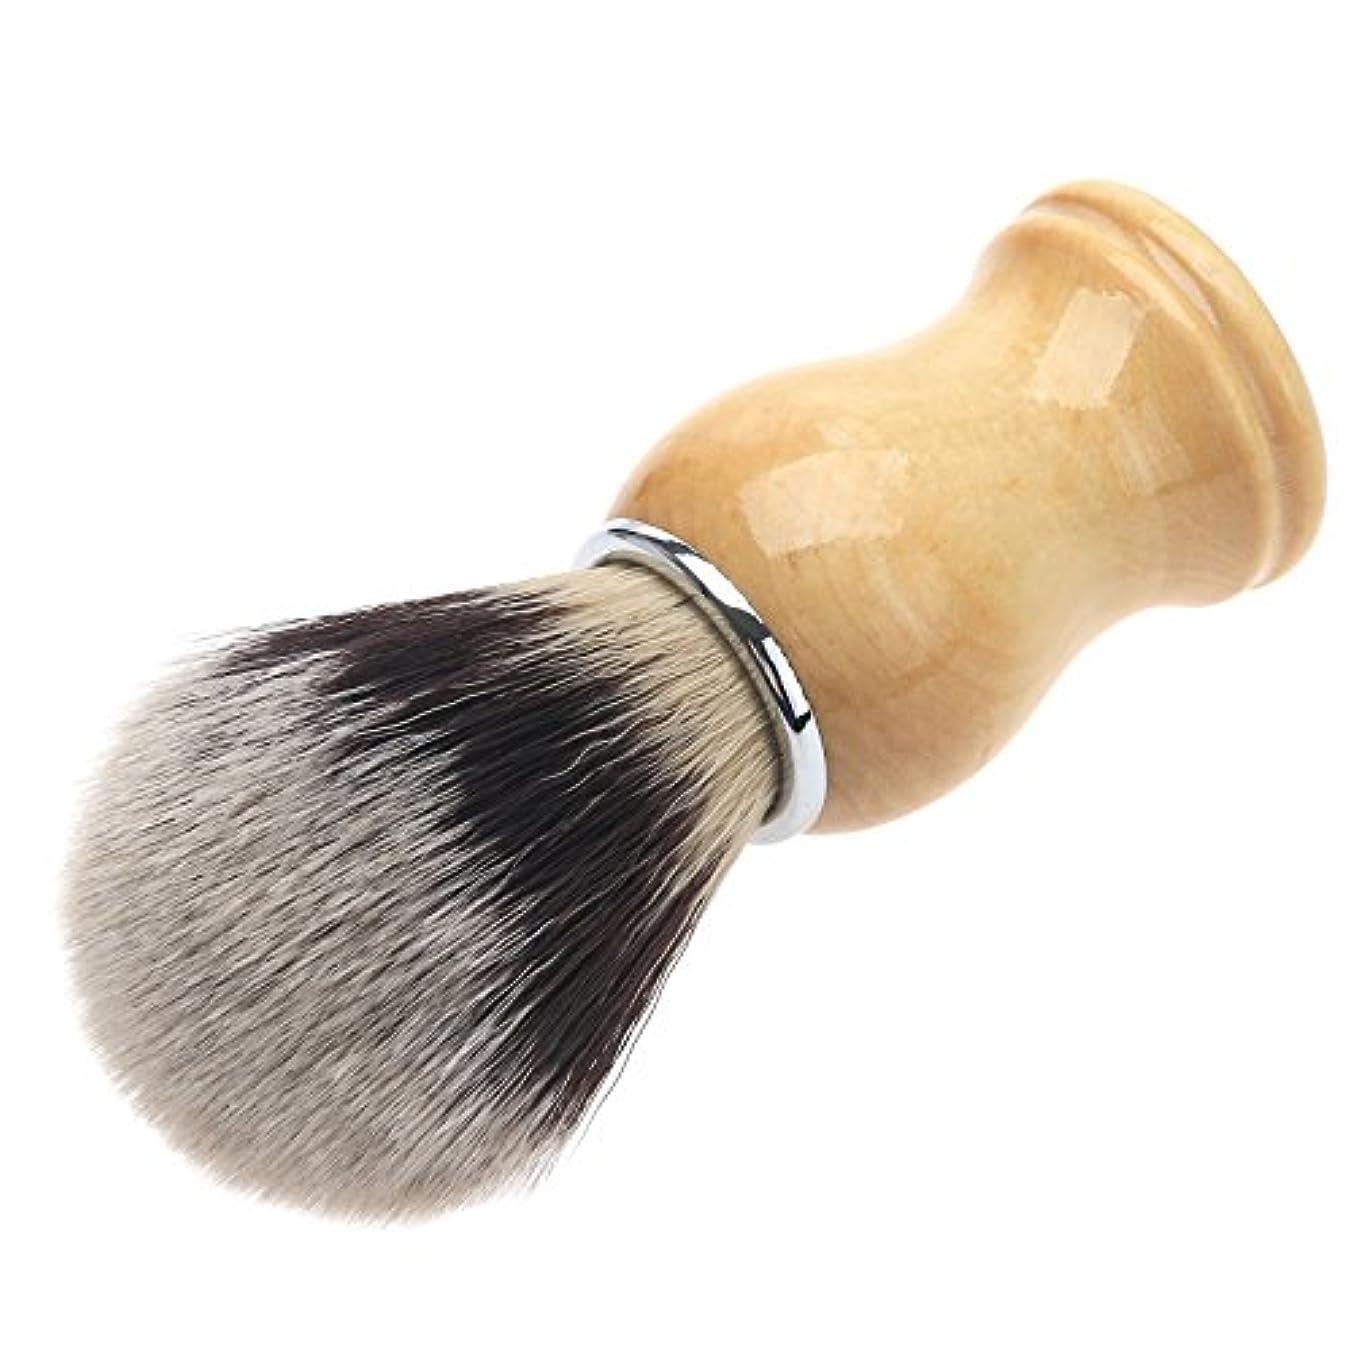 シミュレートする殺す操作可能メンズ用 髭剃り ブラシ シェービングブラシ 木製ハンドル 男性 ギフト理容 洗顔 髭剃り